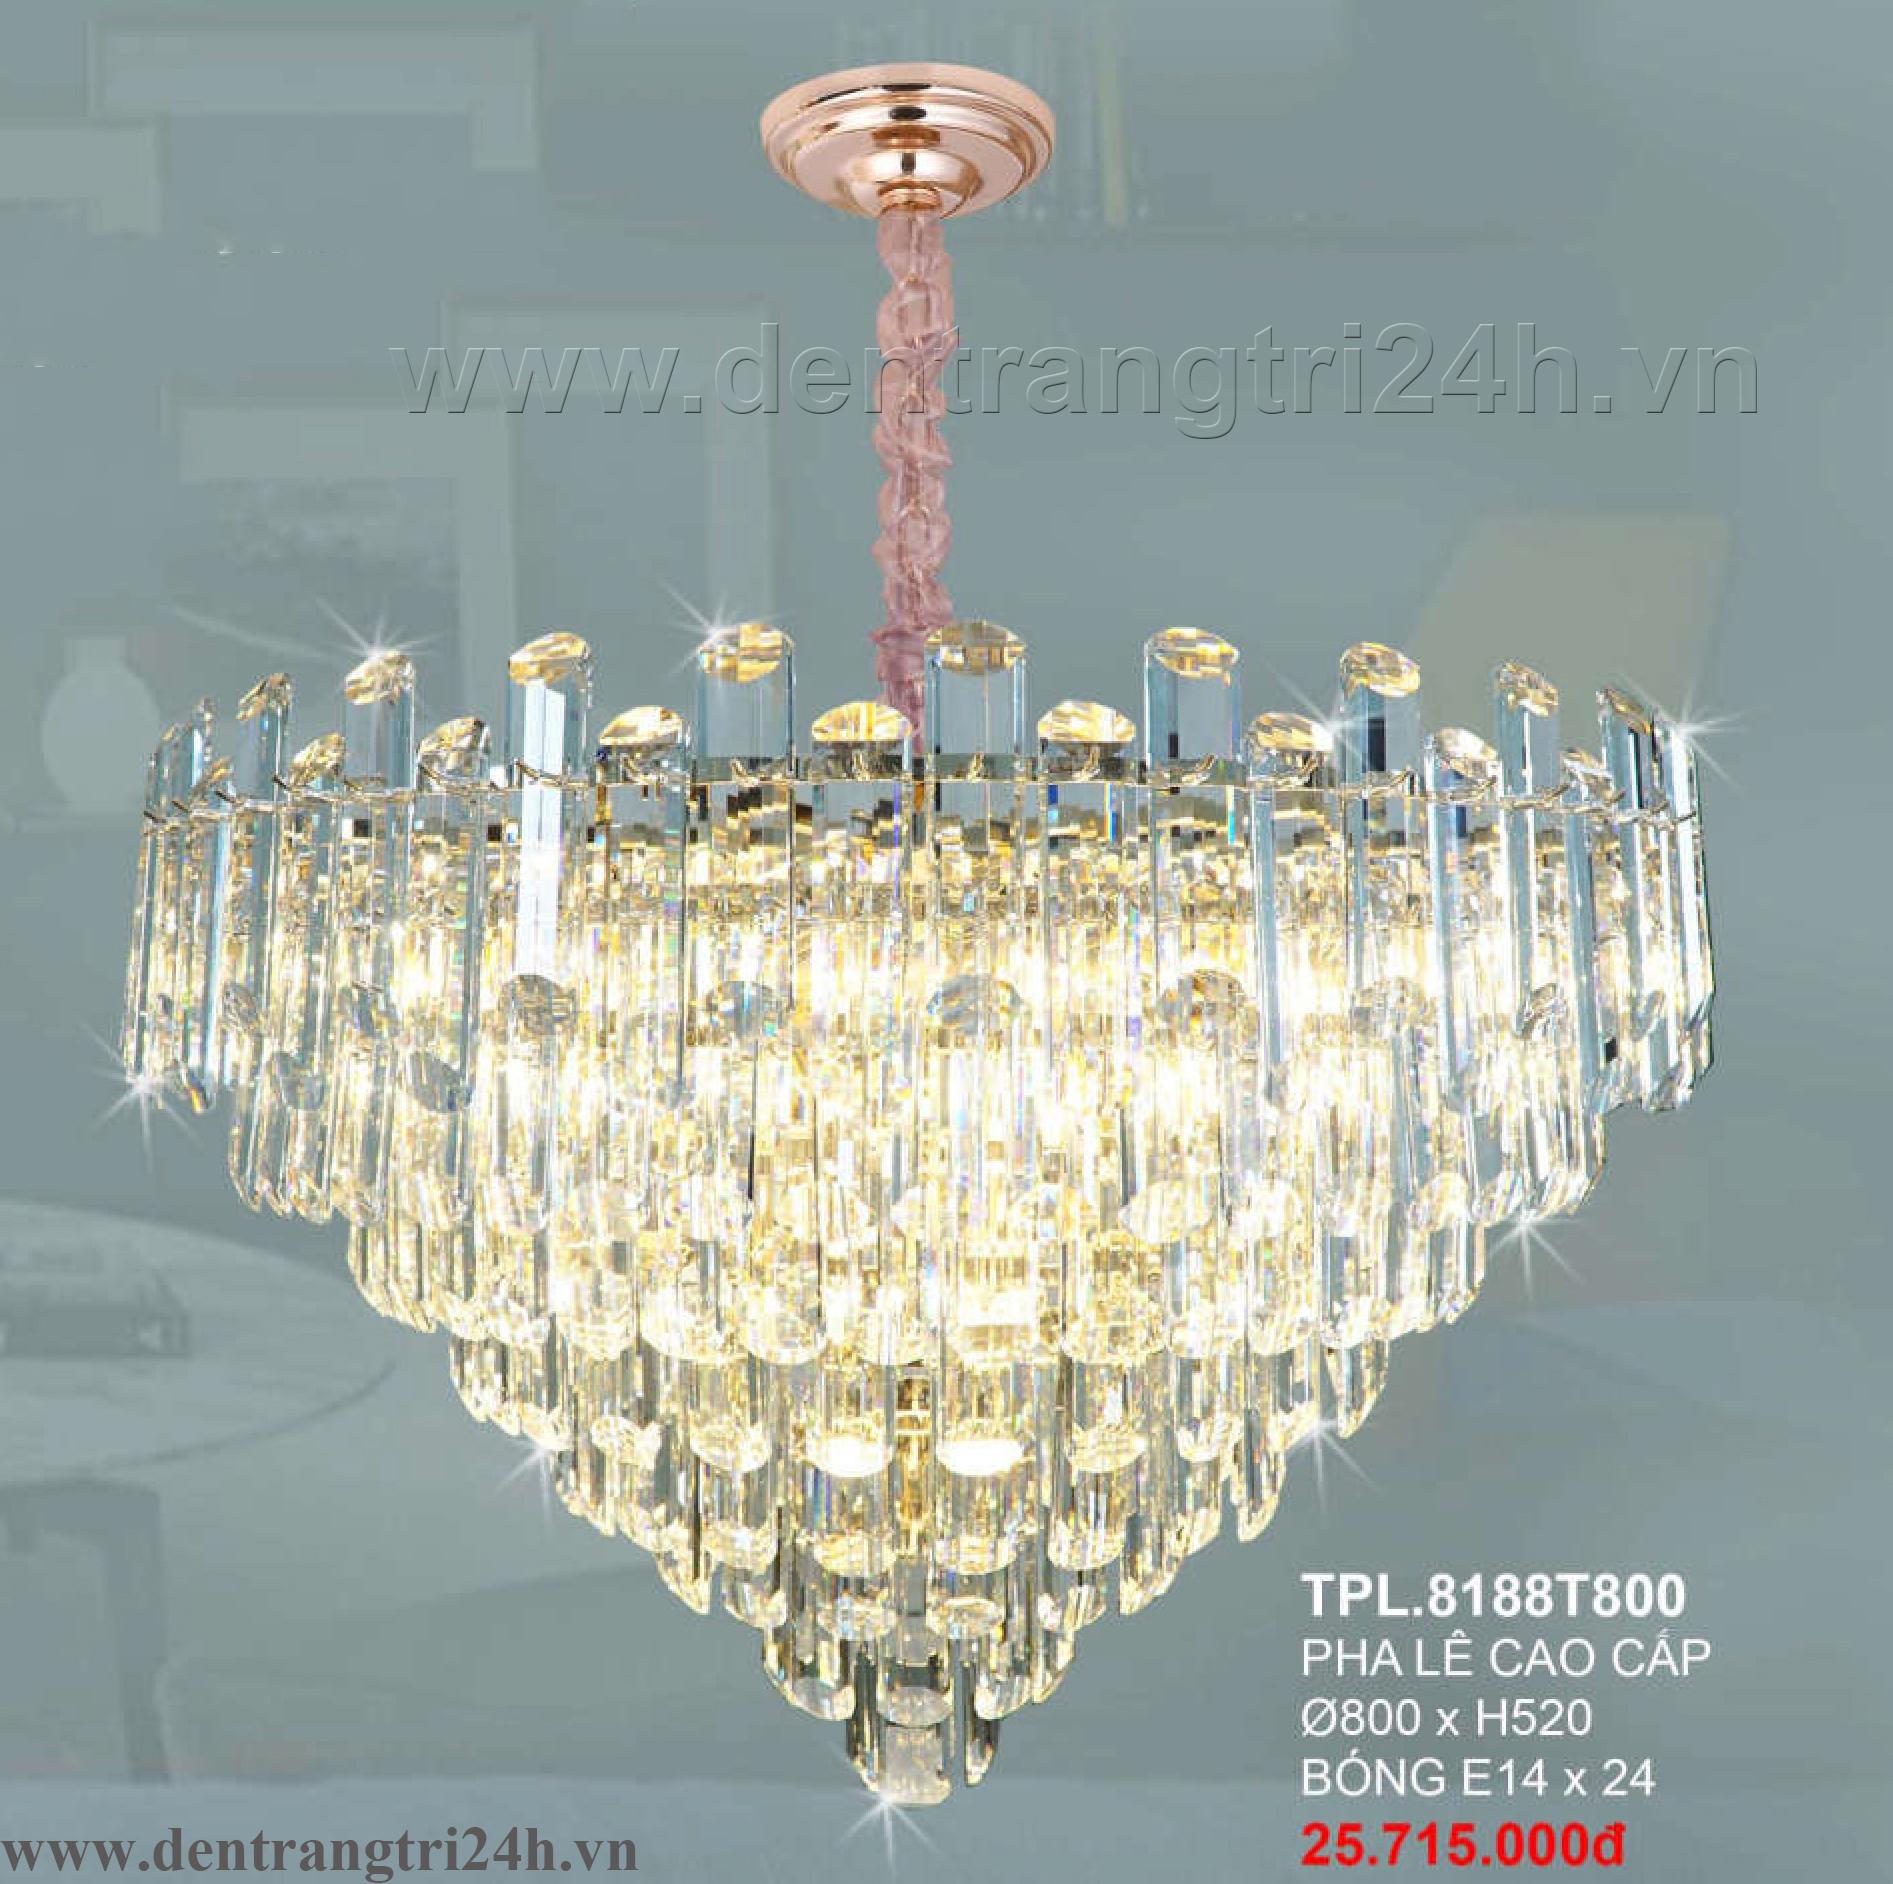 Đèn Chùm Pha Lê CTK6 TPL.8188T800 Ø800xH520